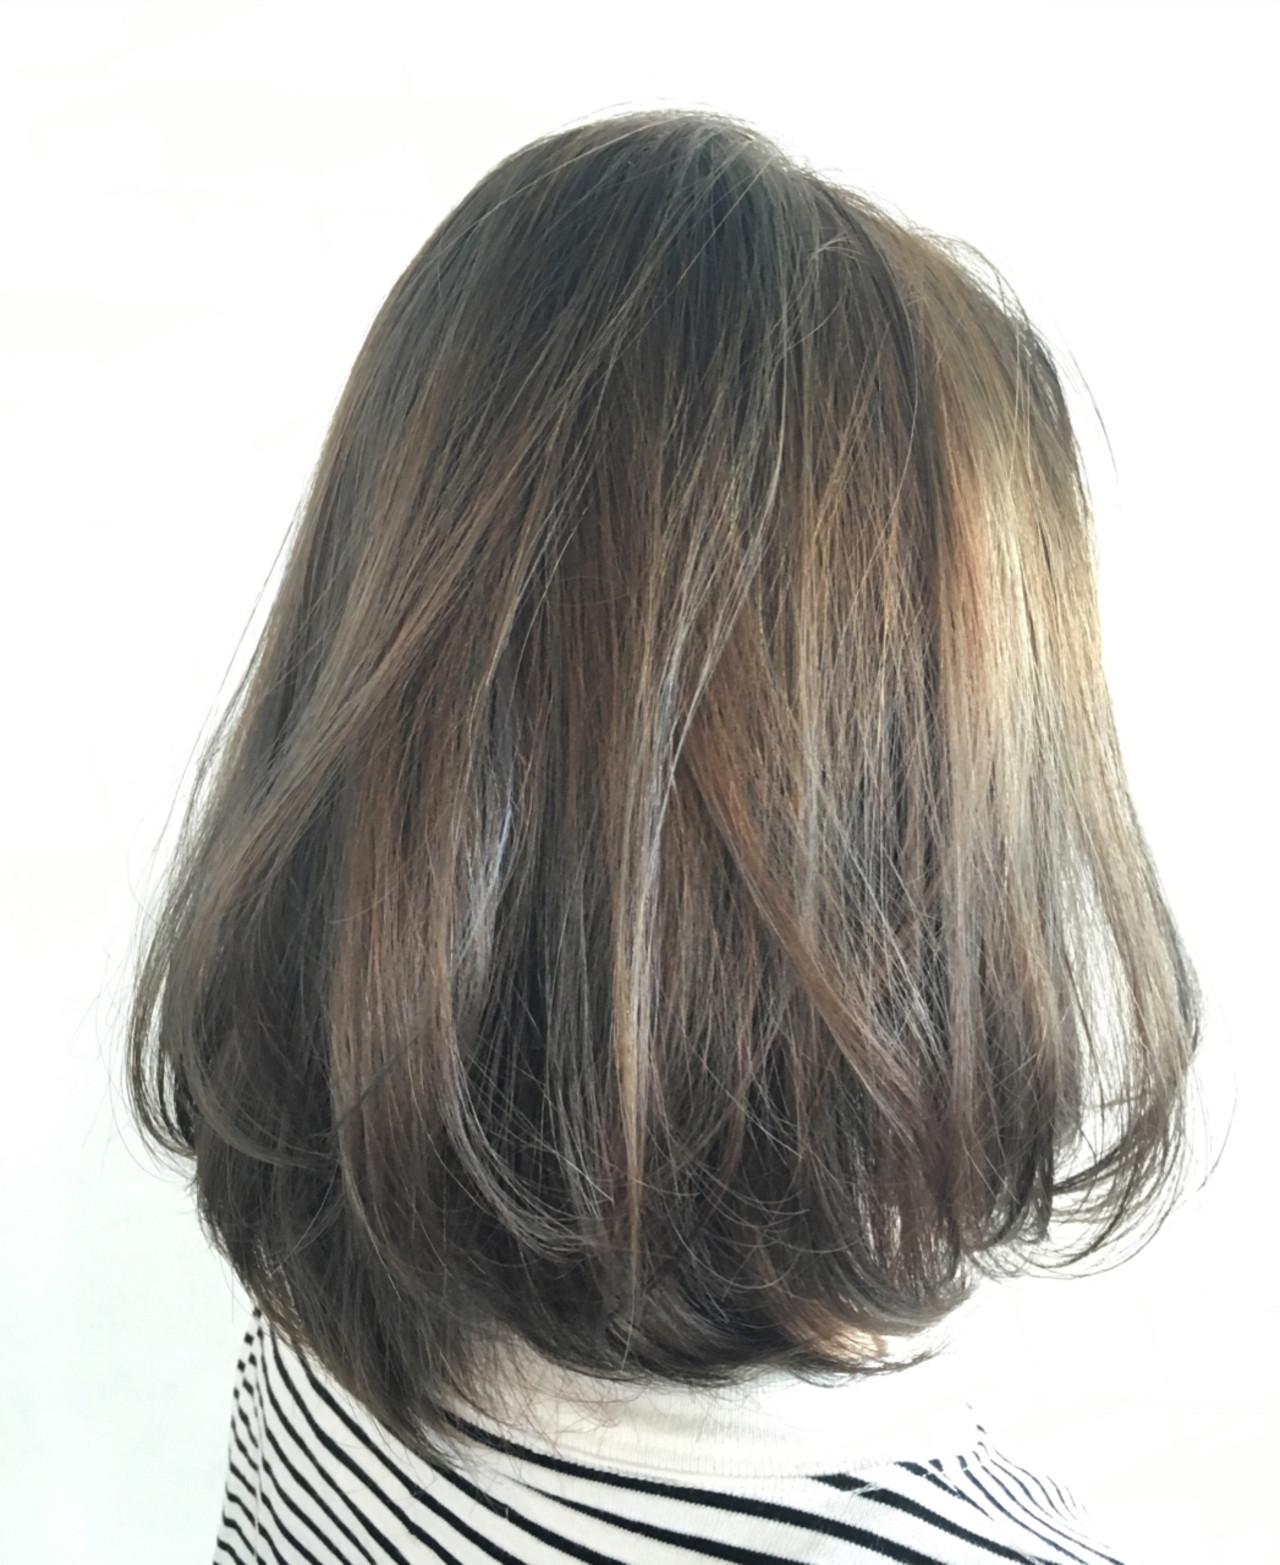 グラデーションカラー ナチュラル ボブ ハイライトヘアスタイルや髪型の写真・画像